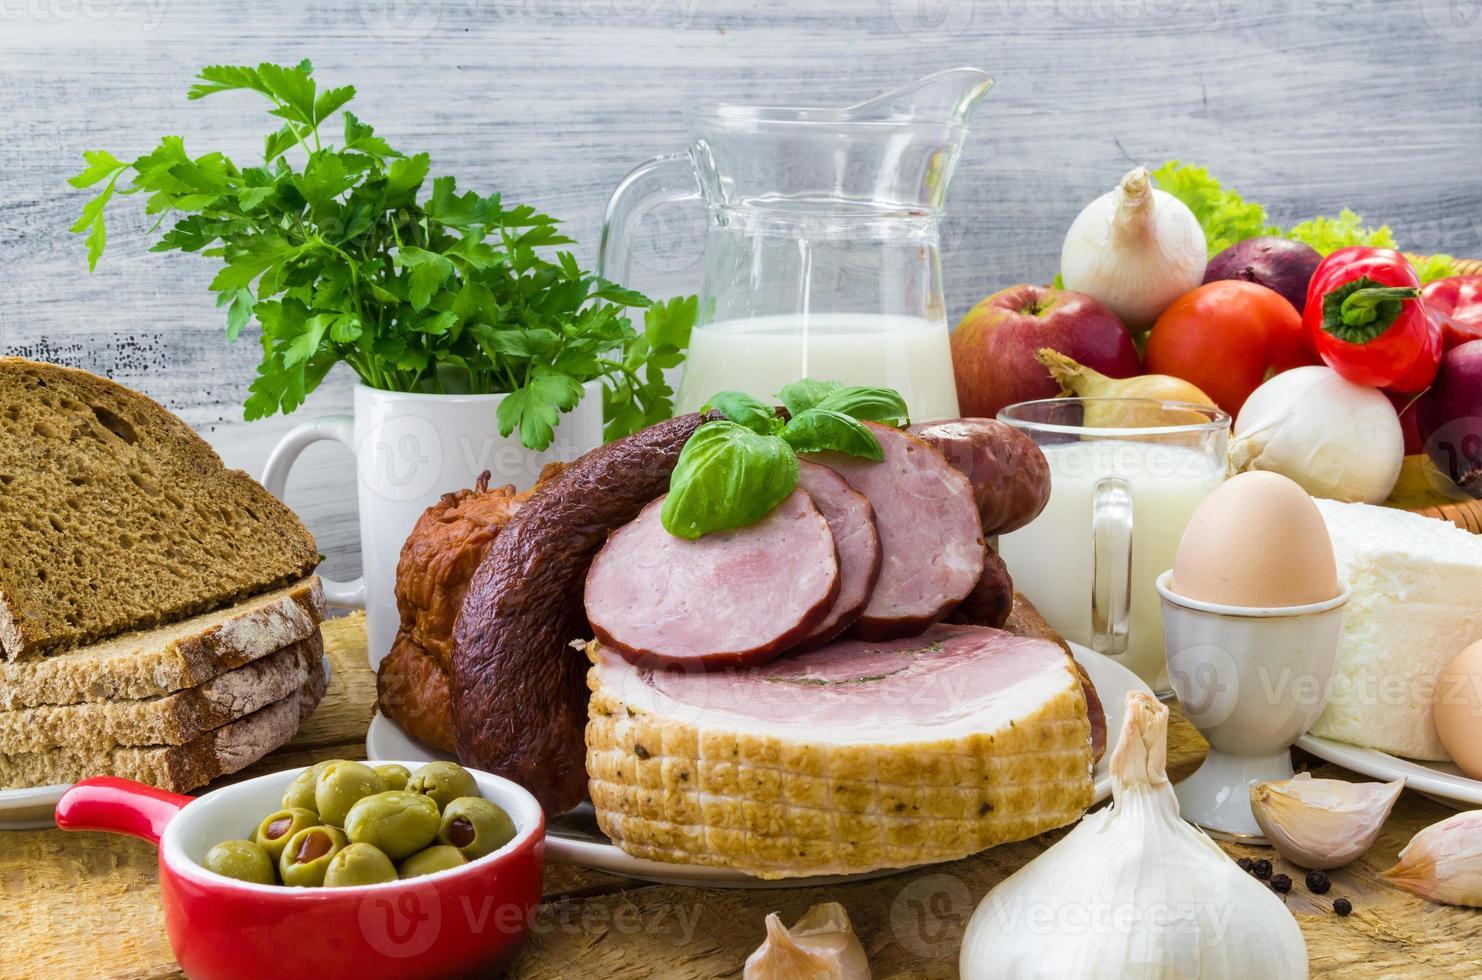 composition variété produits d'épicerie viande laitière photo